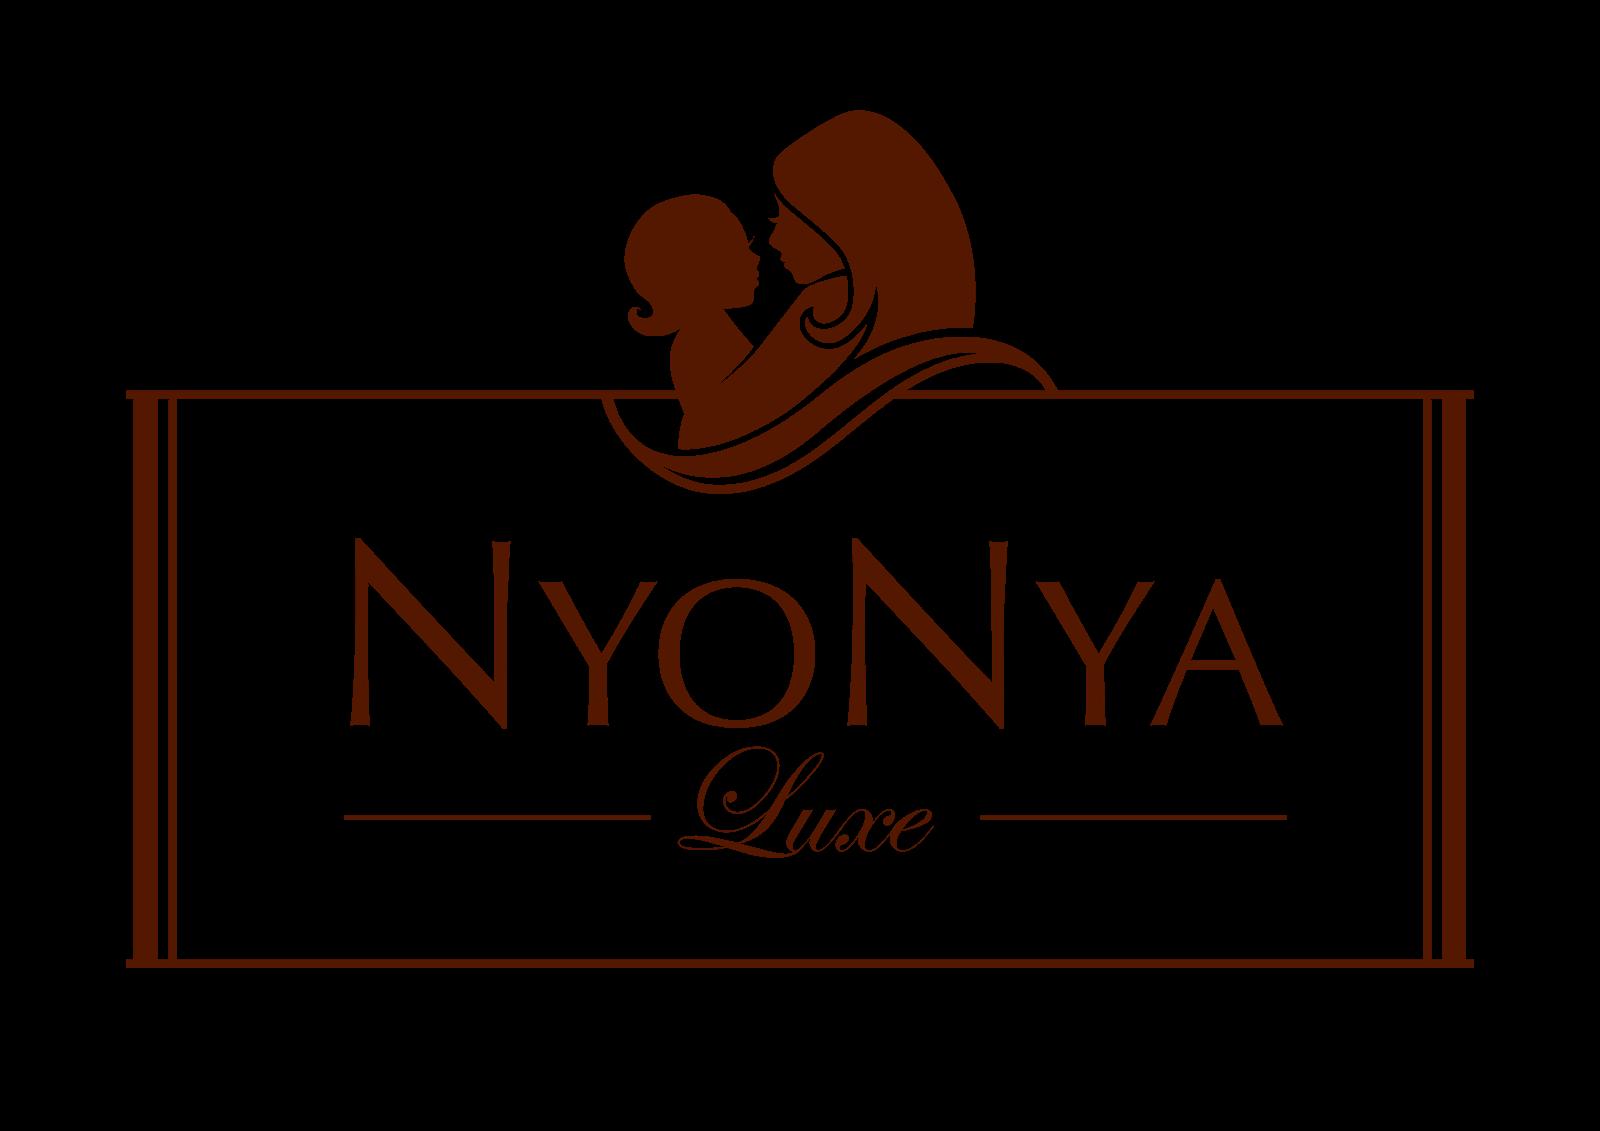 Shop NyoNya Luxe